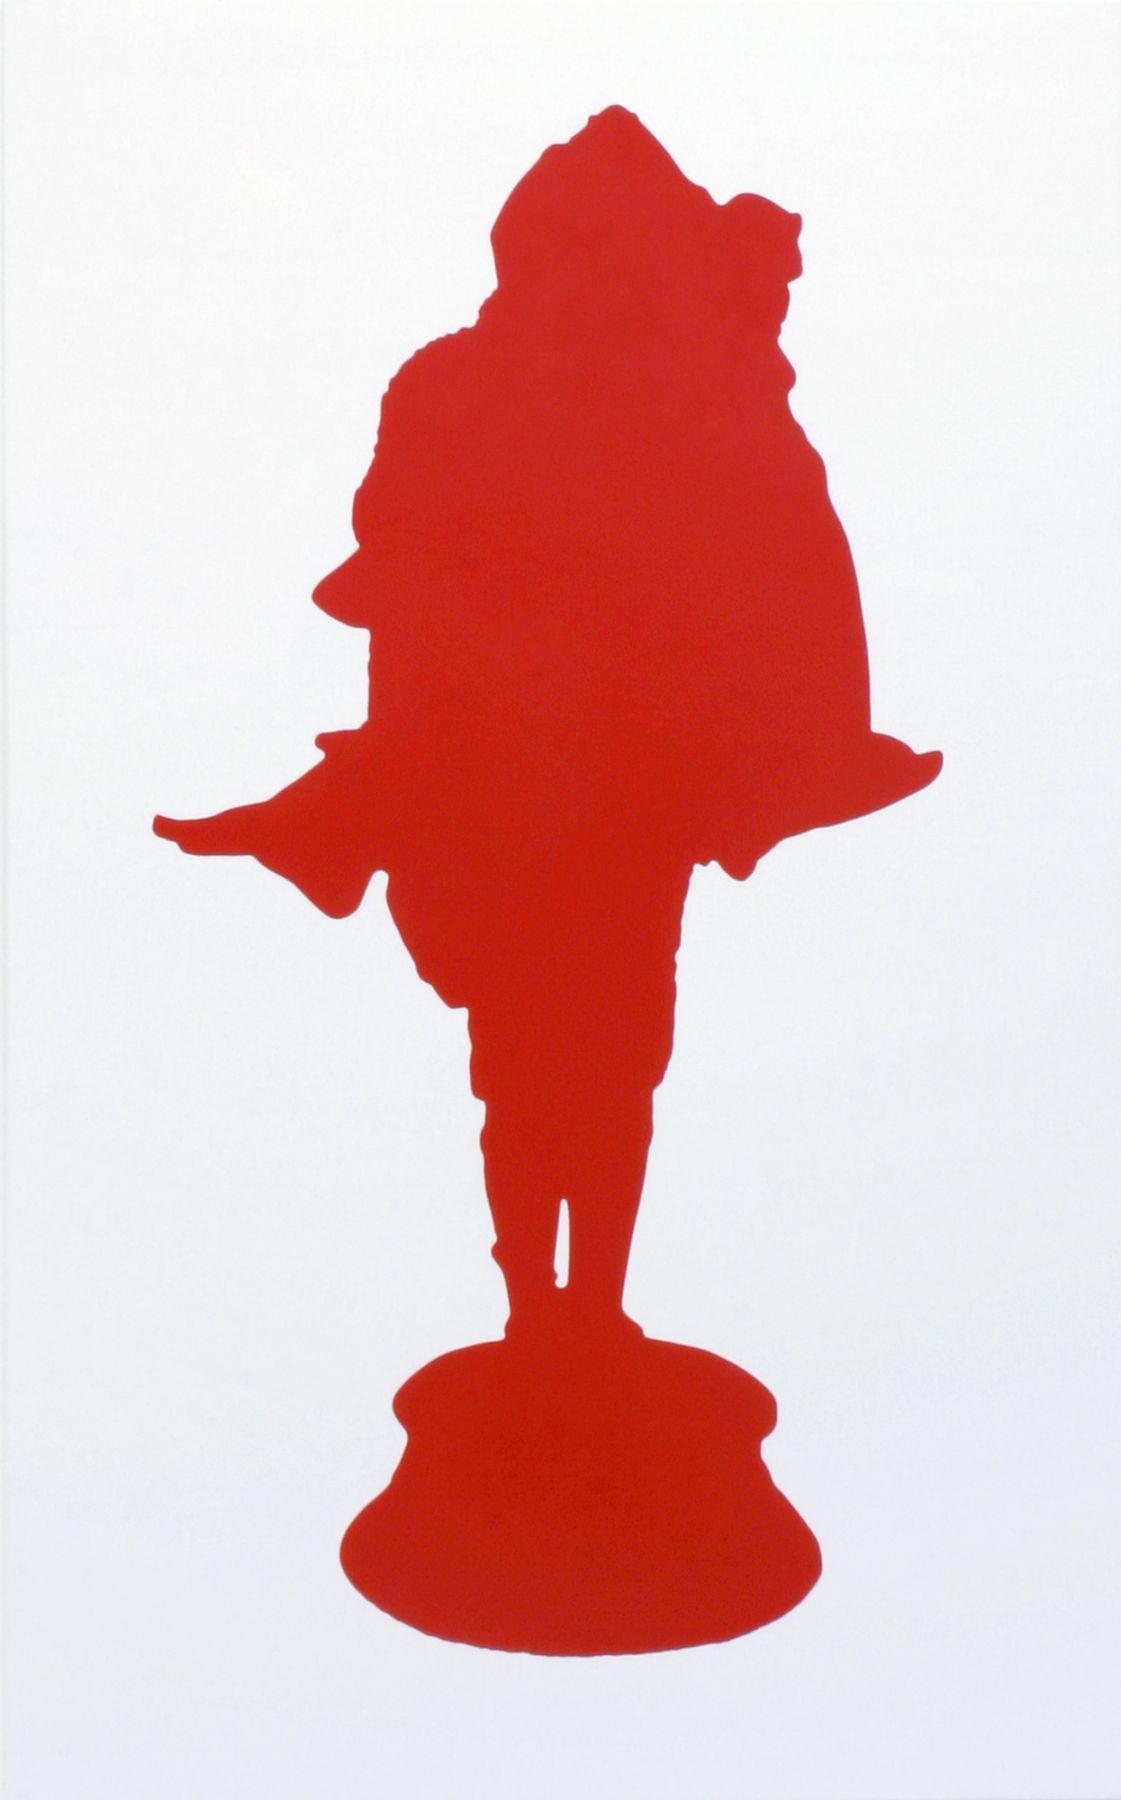 Celuy qui fut Pris IV/IV, 2007, Oil on canvas